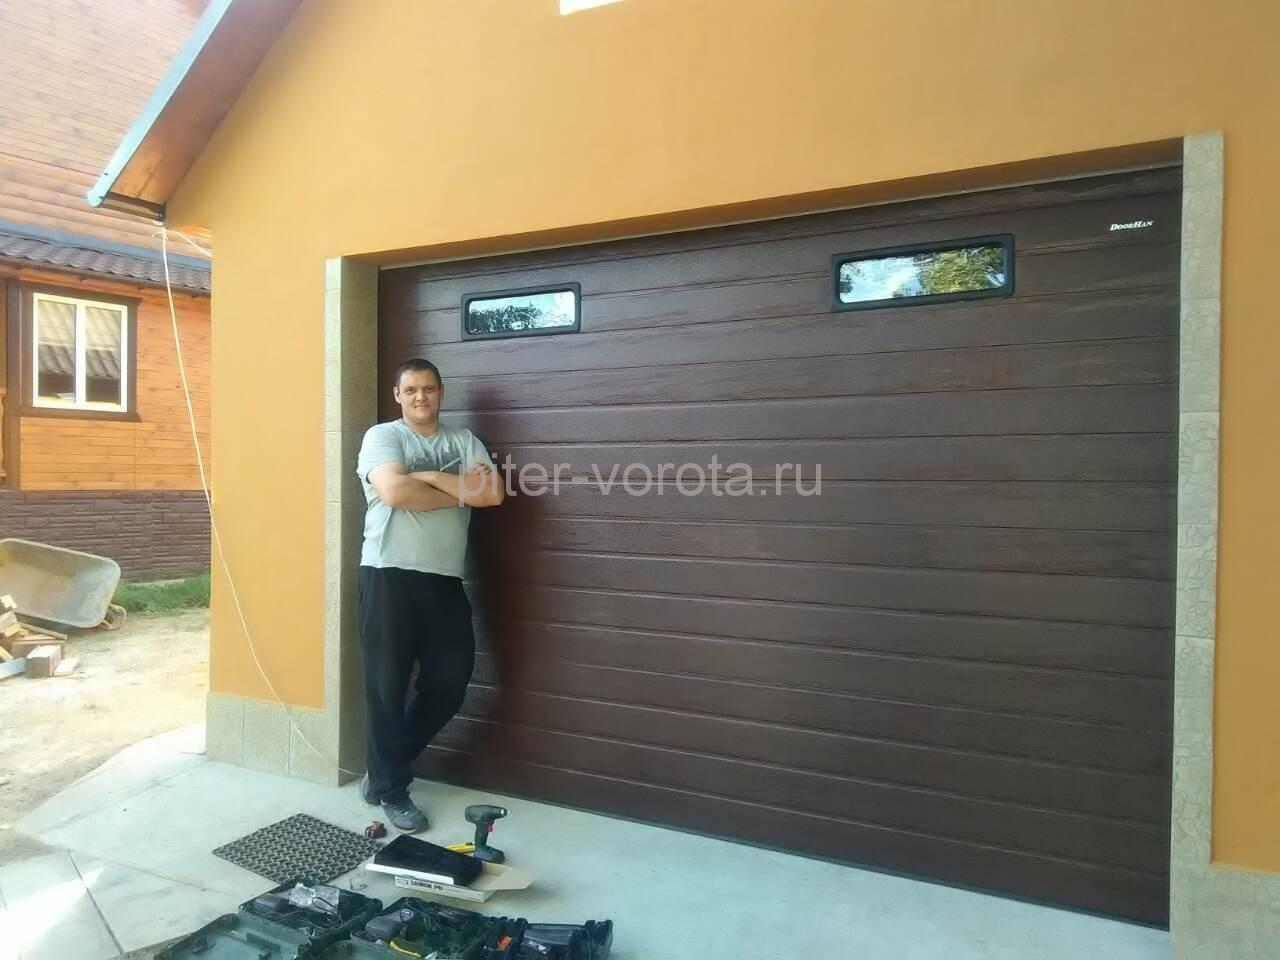 Гаражные подъёмно-секционные ворота на ул. Свердлова